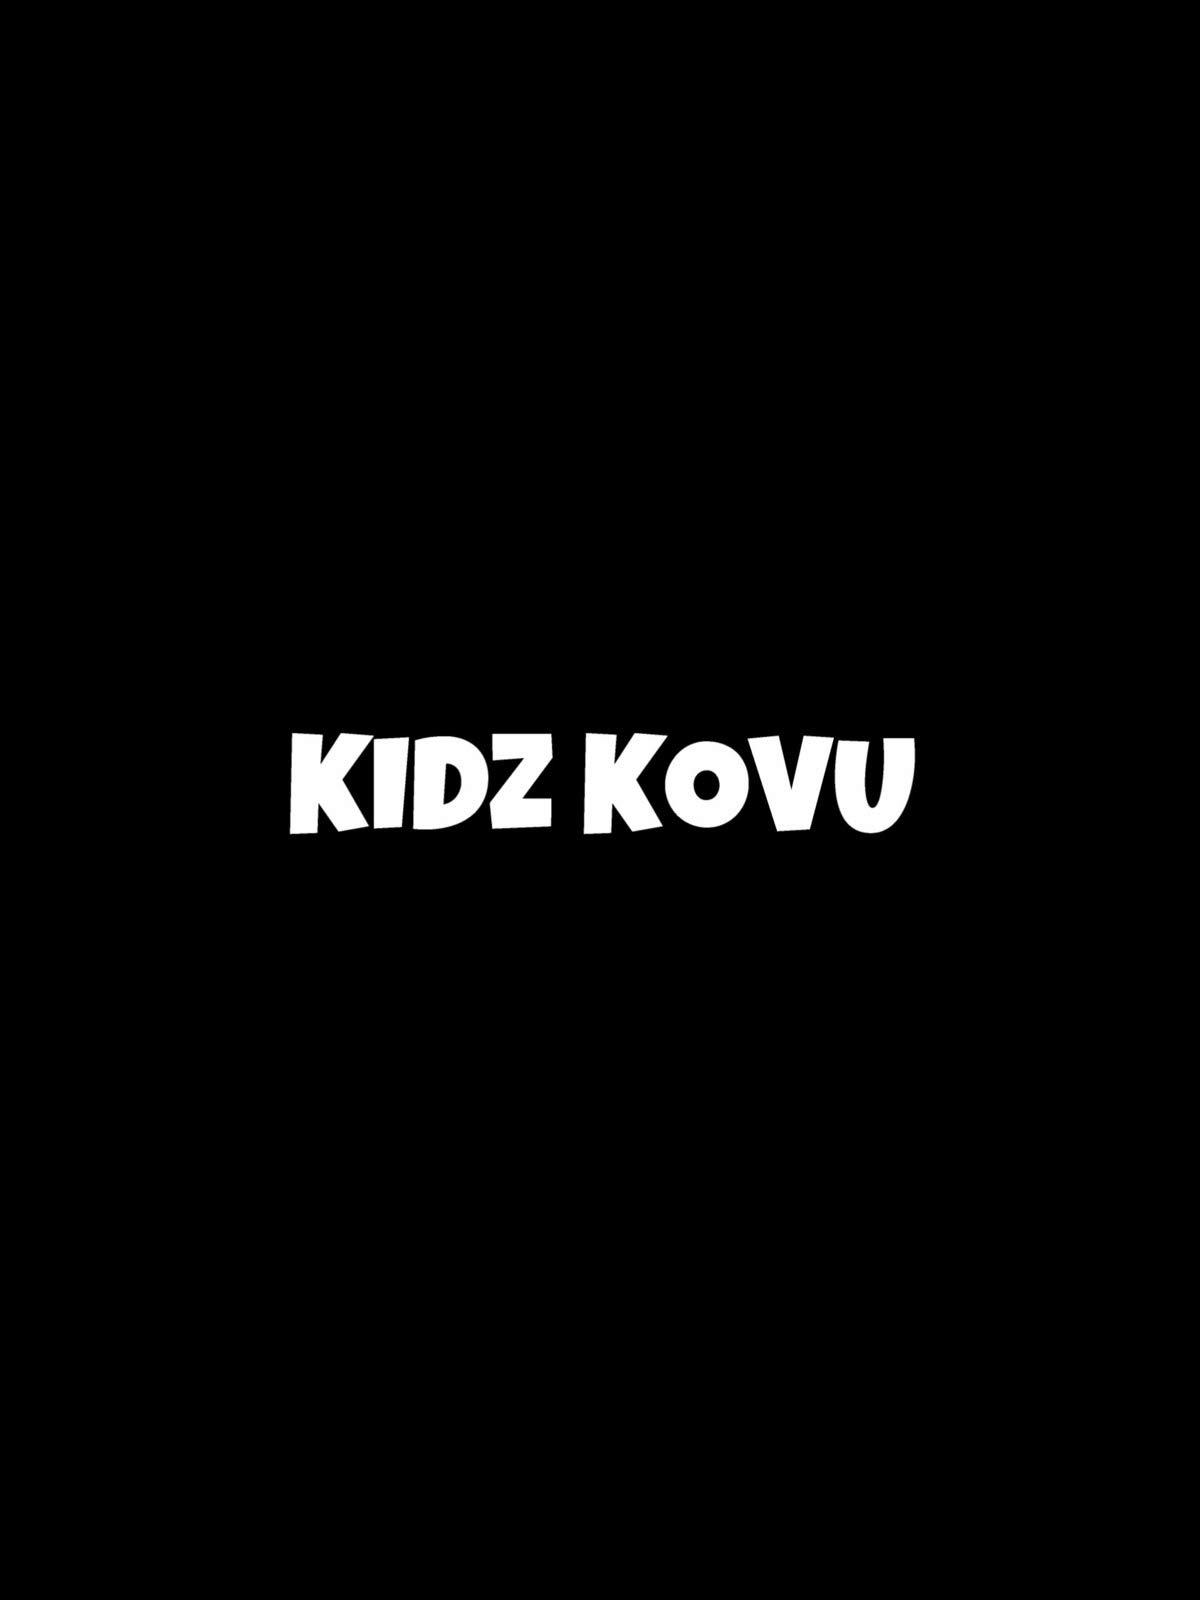 Kidz Kovu Children's Show